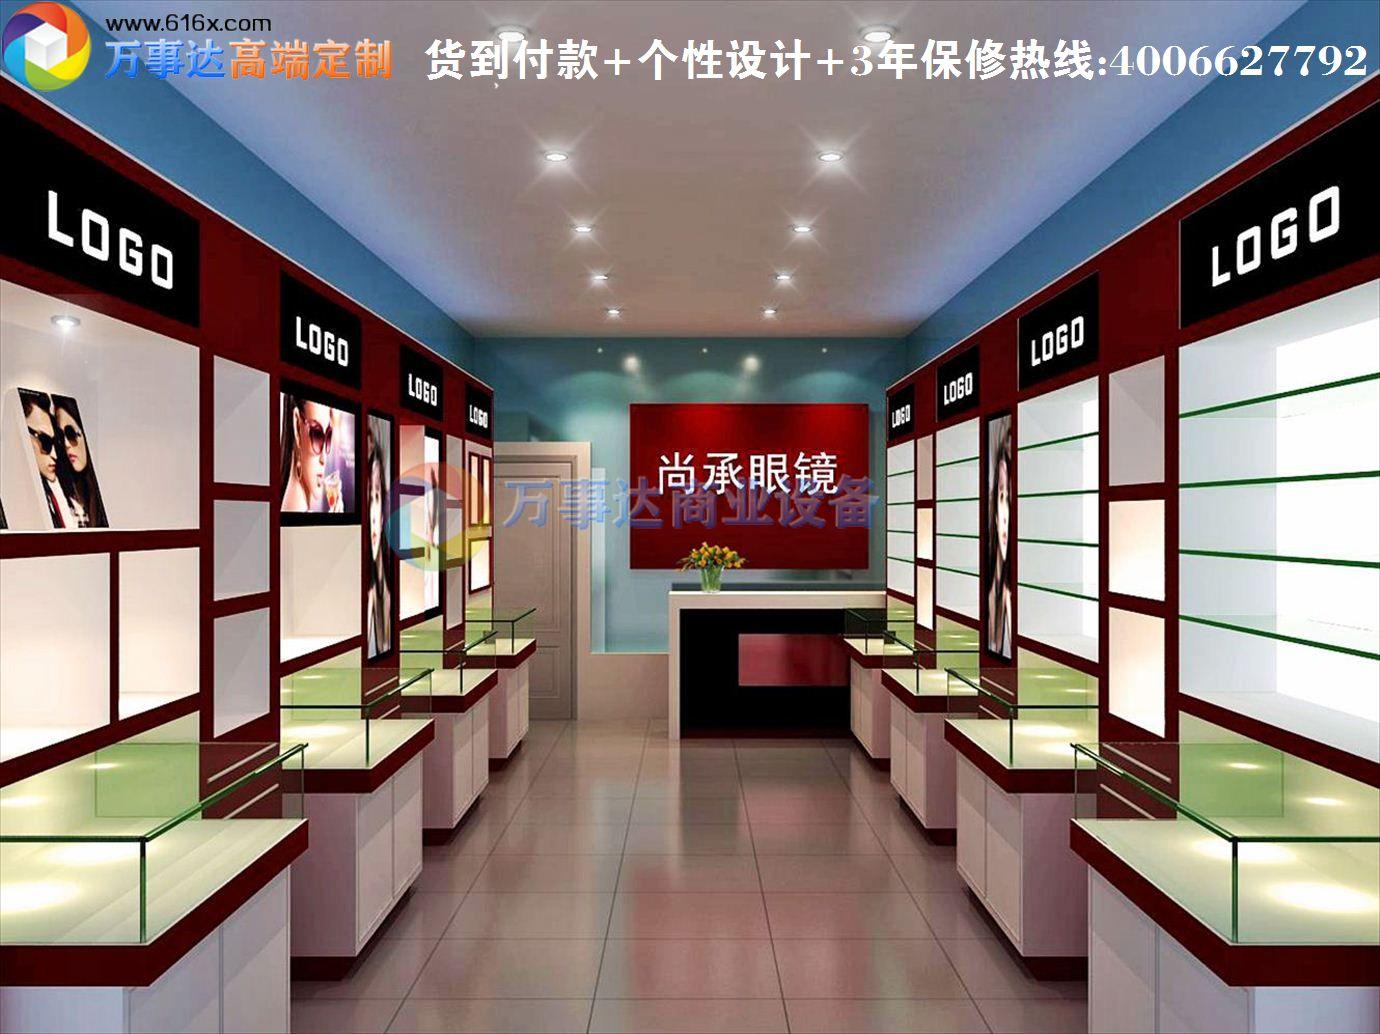 个性眼镜店装修效果图大全时尚眼镜店装修货架展示柜1206